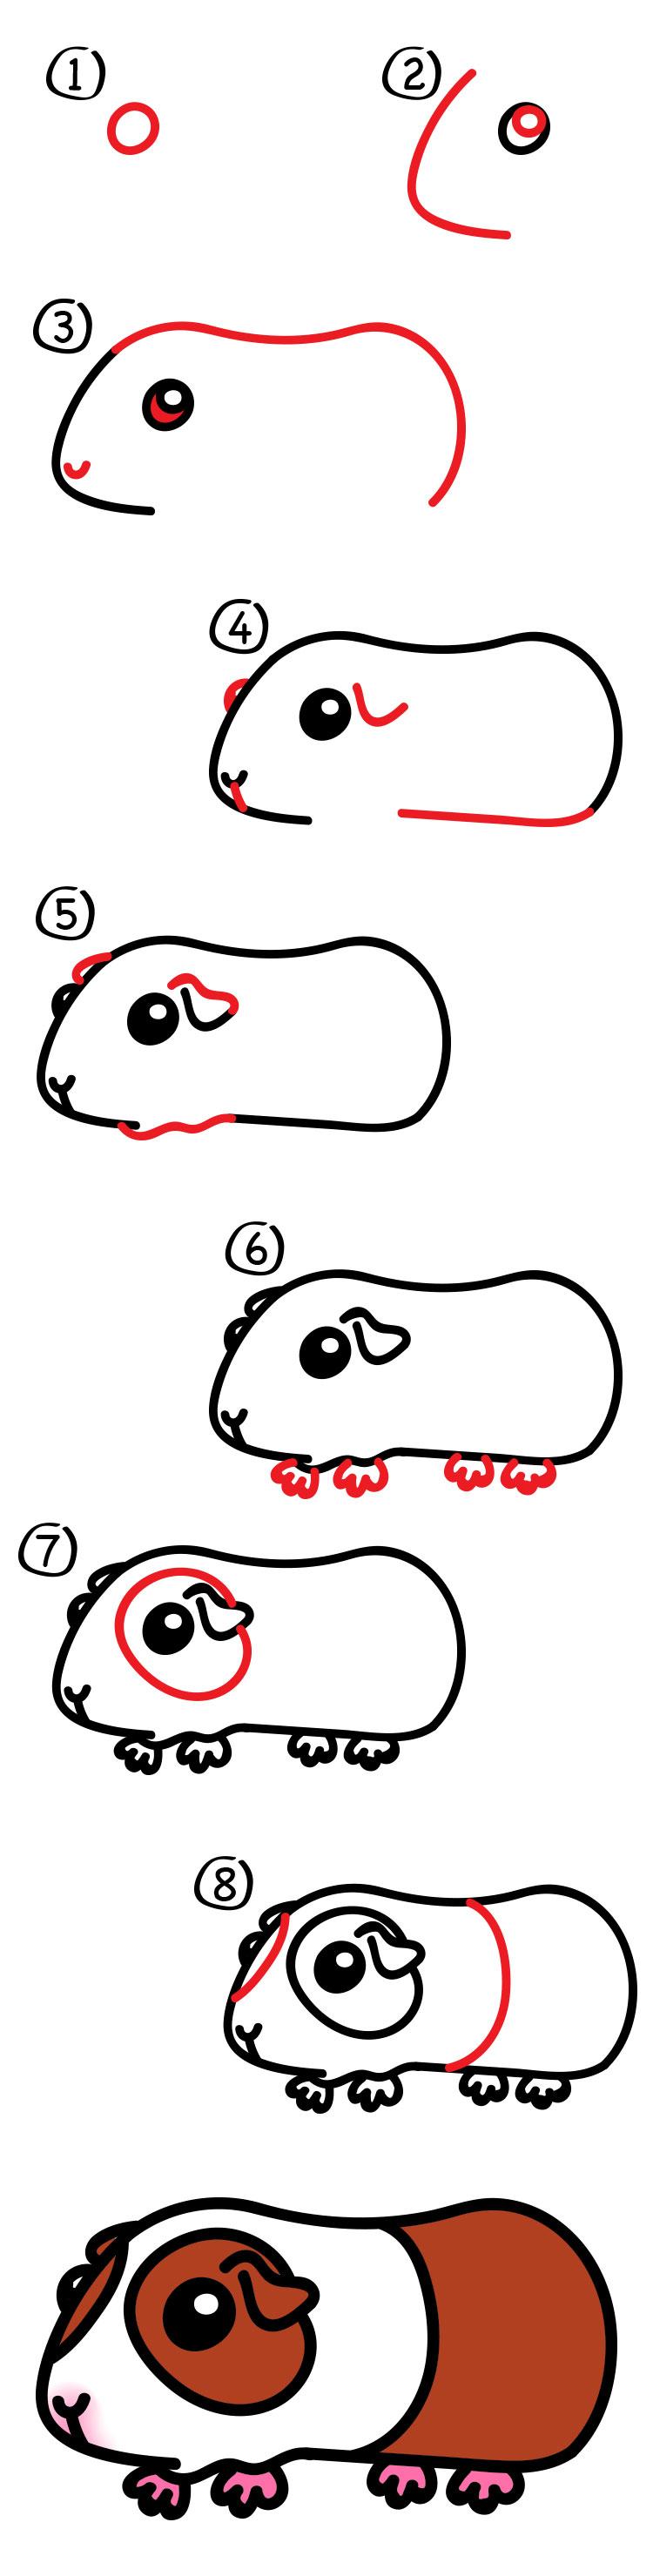 750x2959 How To Draw A Guinea Pig